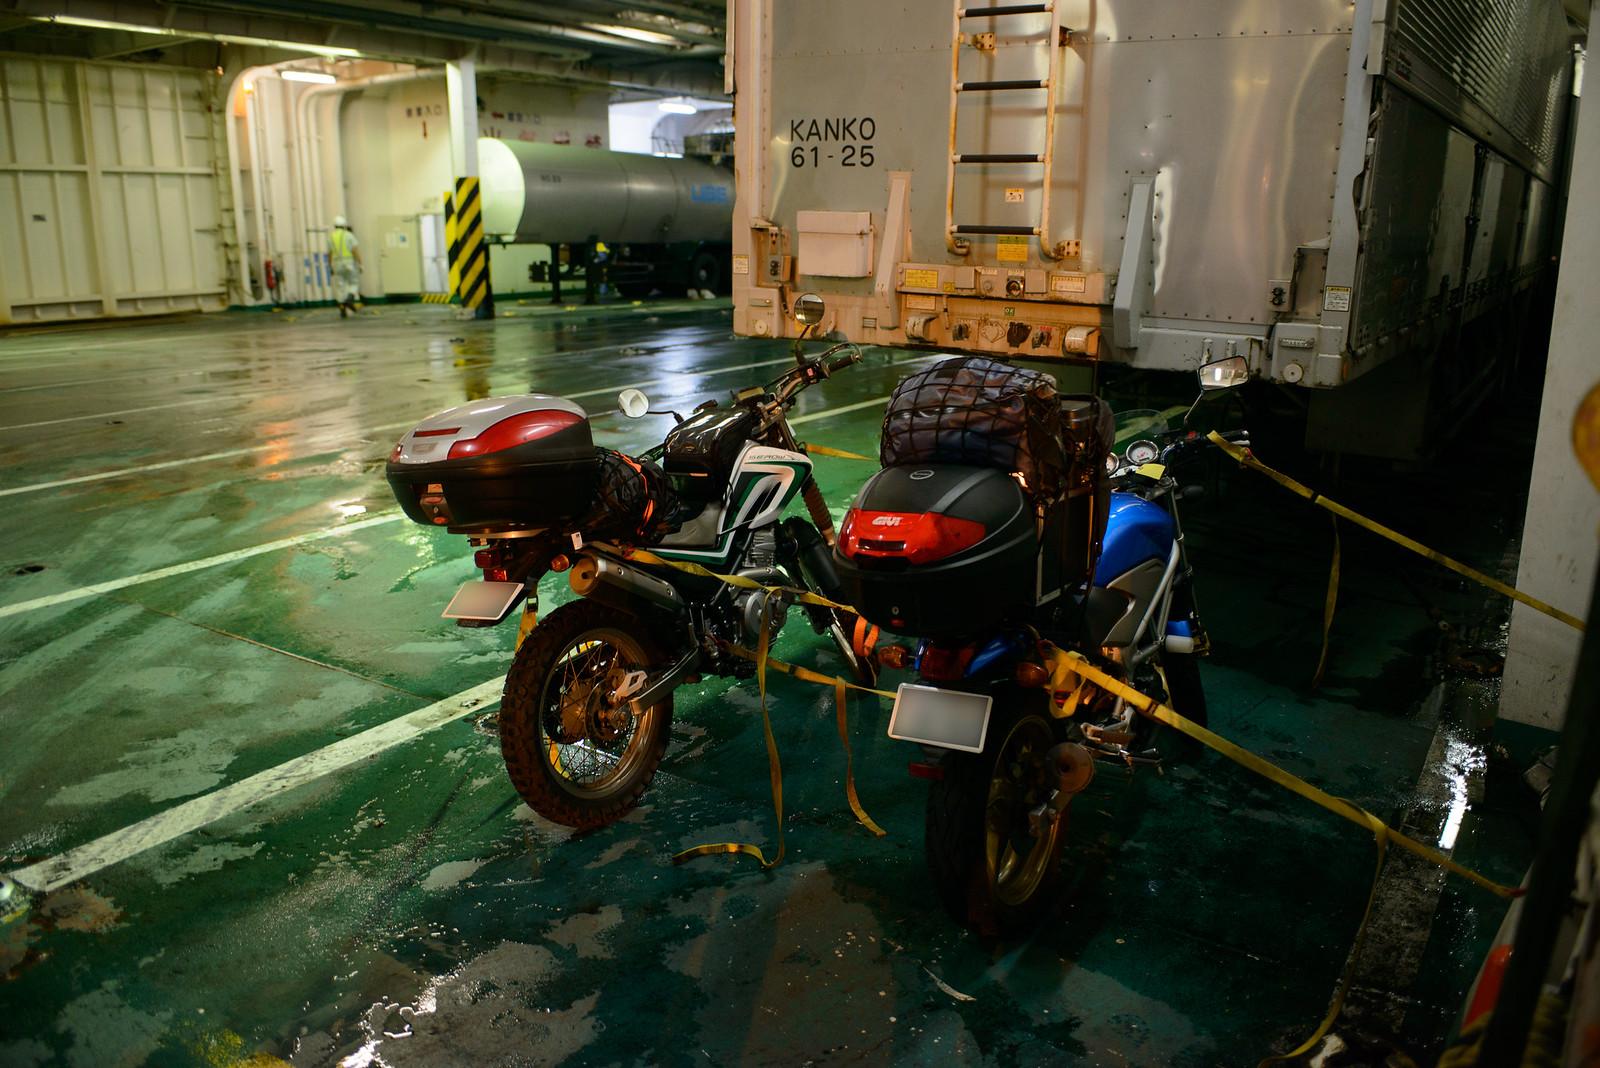 フェリーでバイクを東京湾から新門司へ ~九州ツーリング0日目~